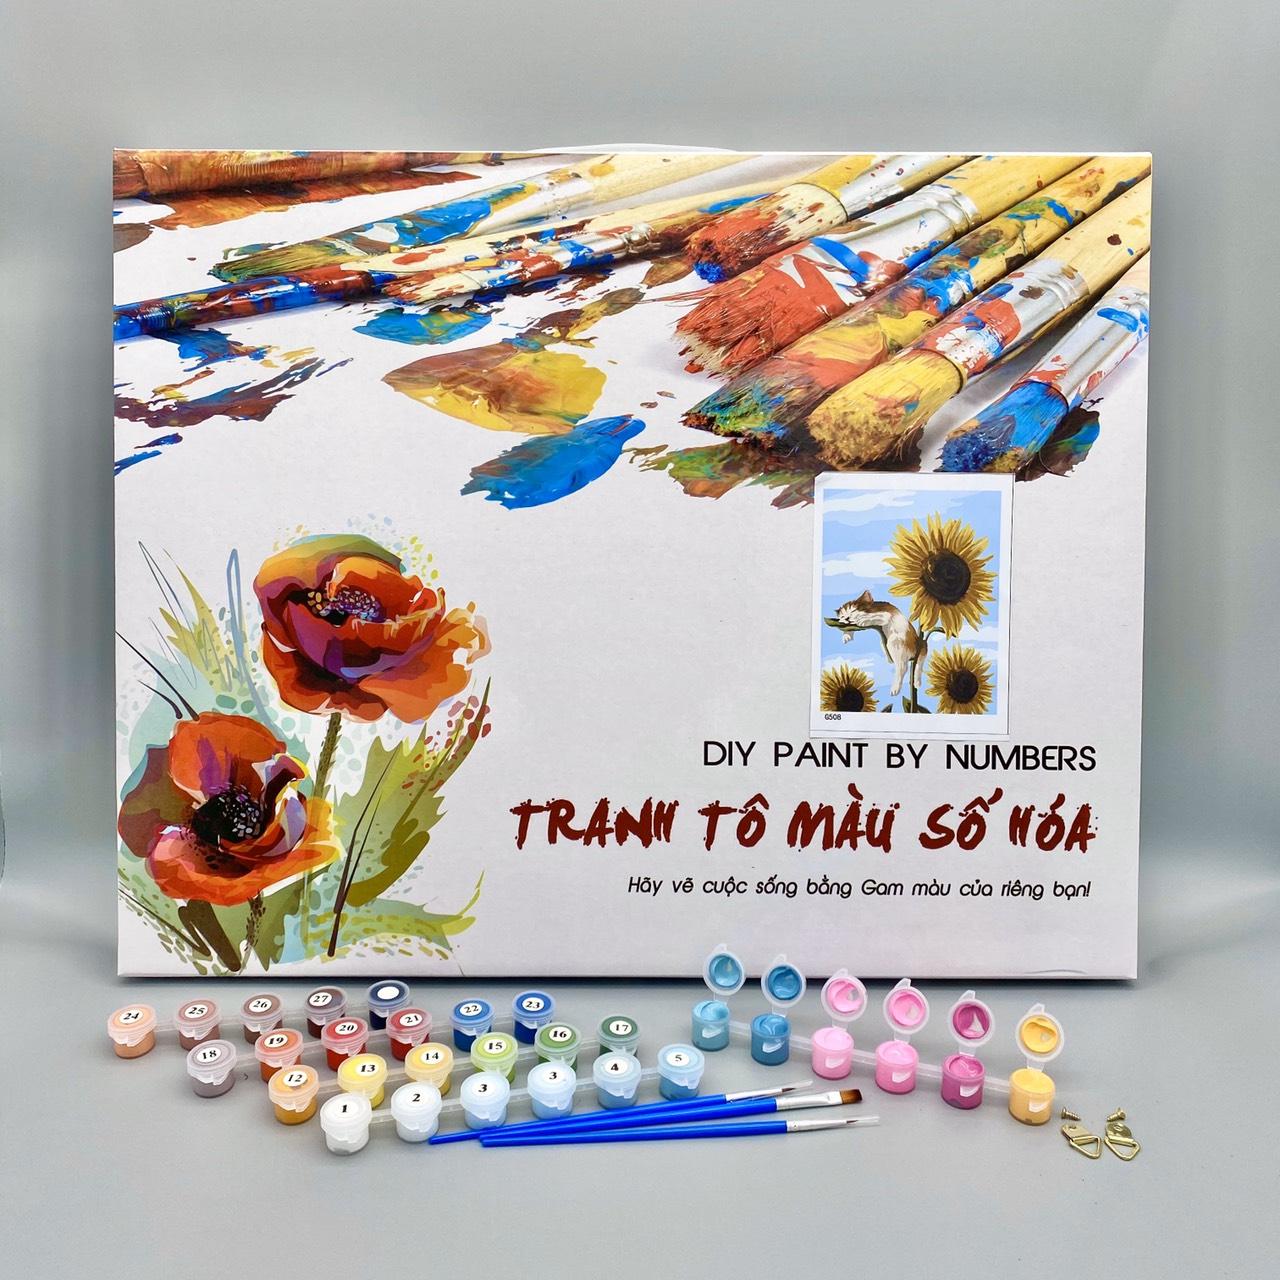 Tranh tự tô màu sơn dầu số hóa Mã BC0191 Chim hải Âu bên bờ biển Tranh phong cảnh biển cả